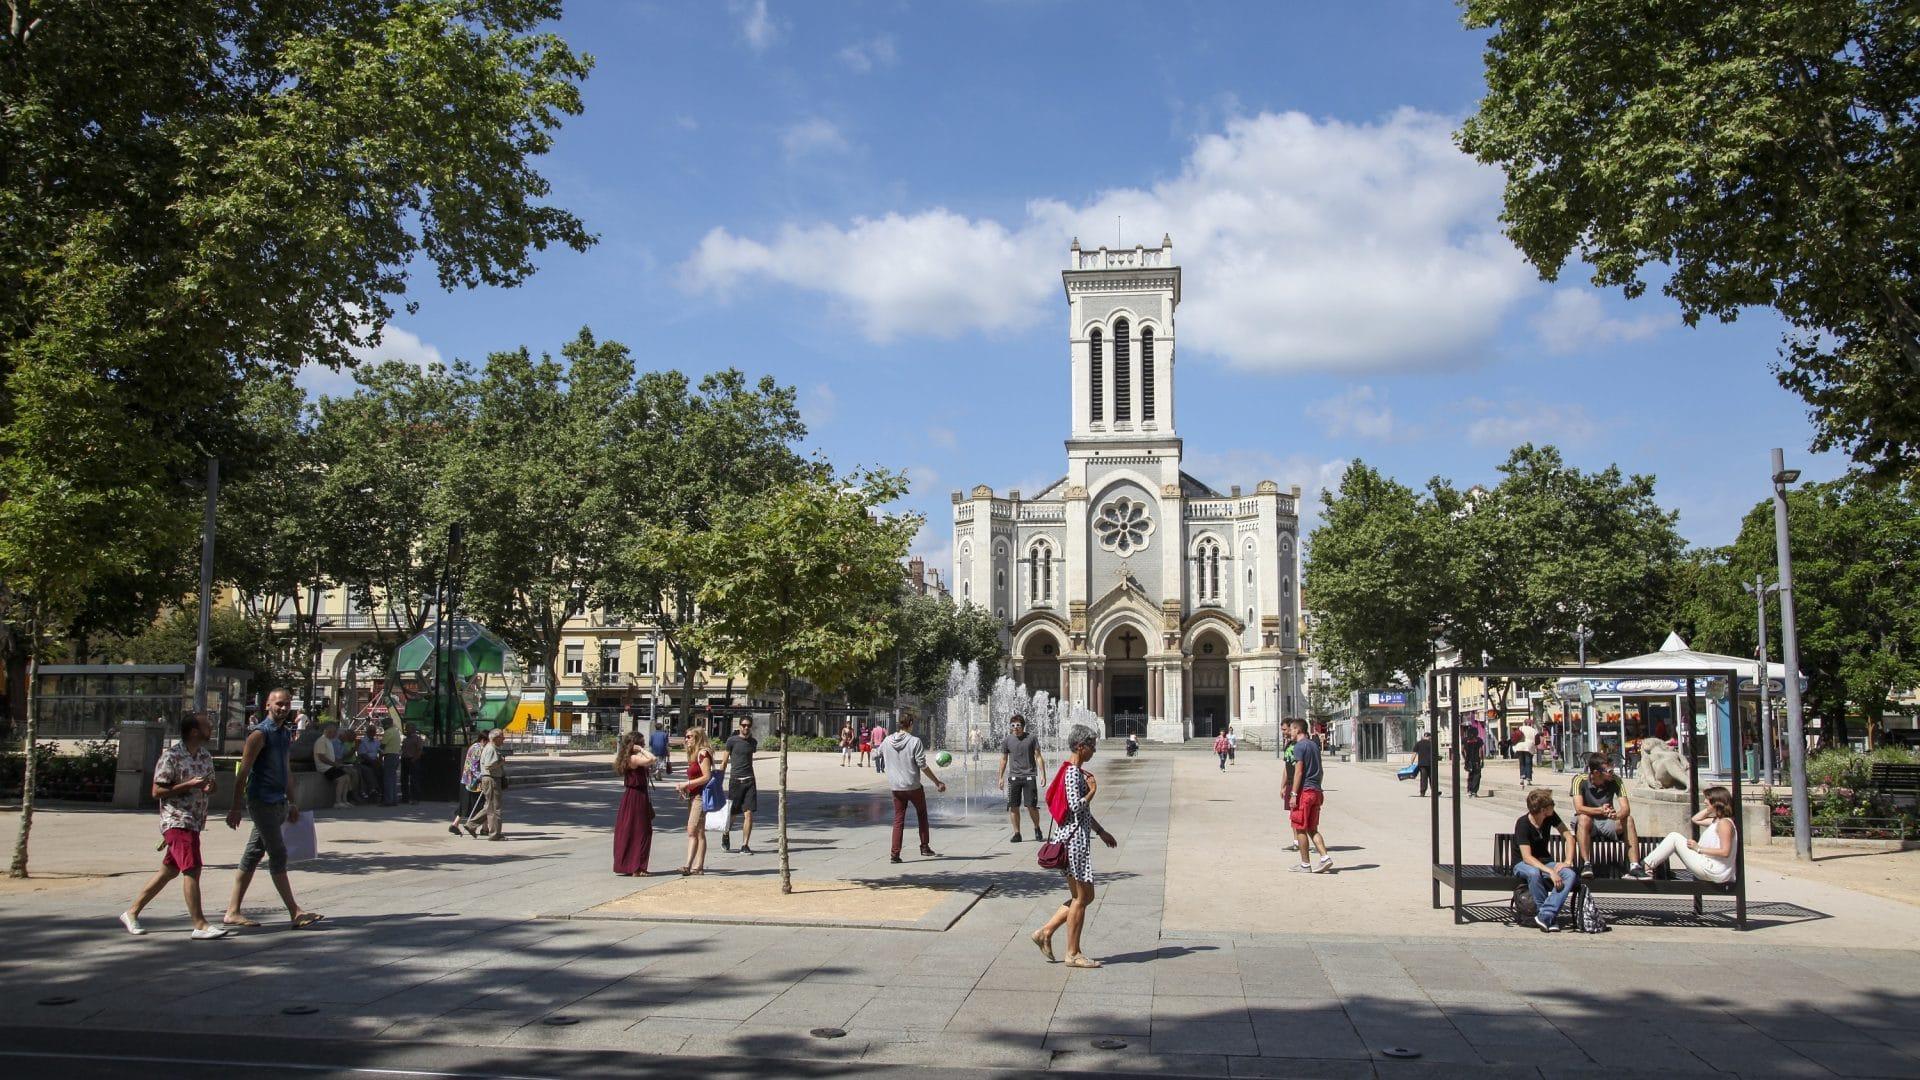 Place_Jean_Jaures-Saint-Etienne_Tourisme___Congres___Magali_Stora-65404